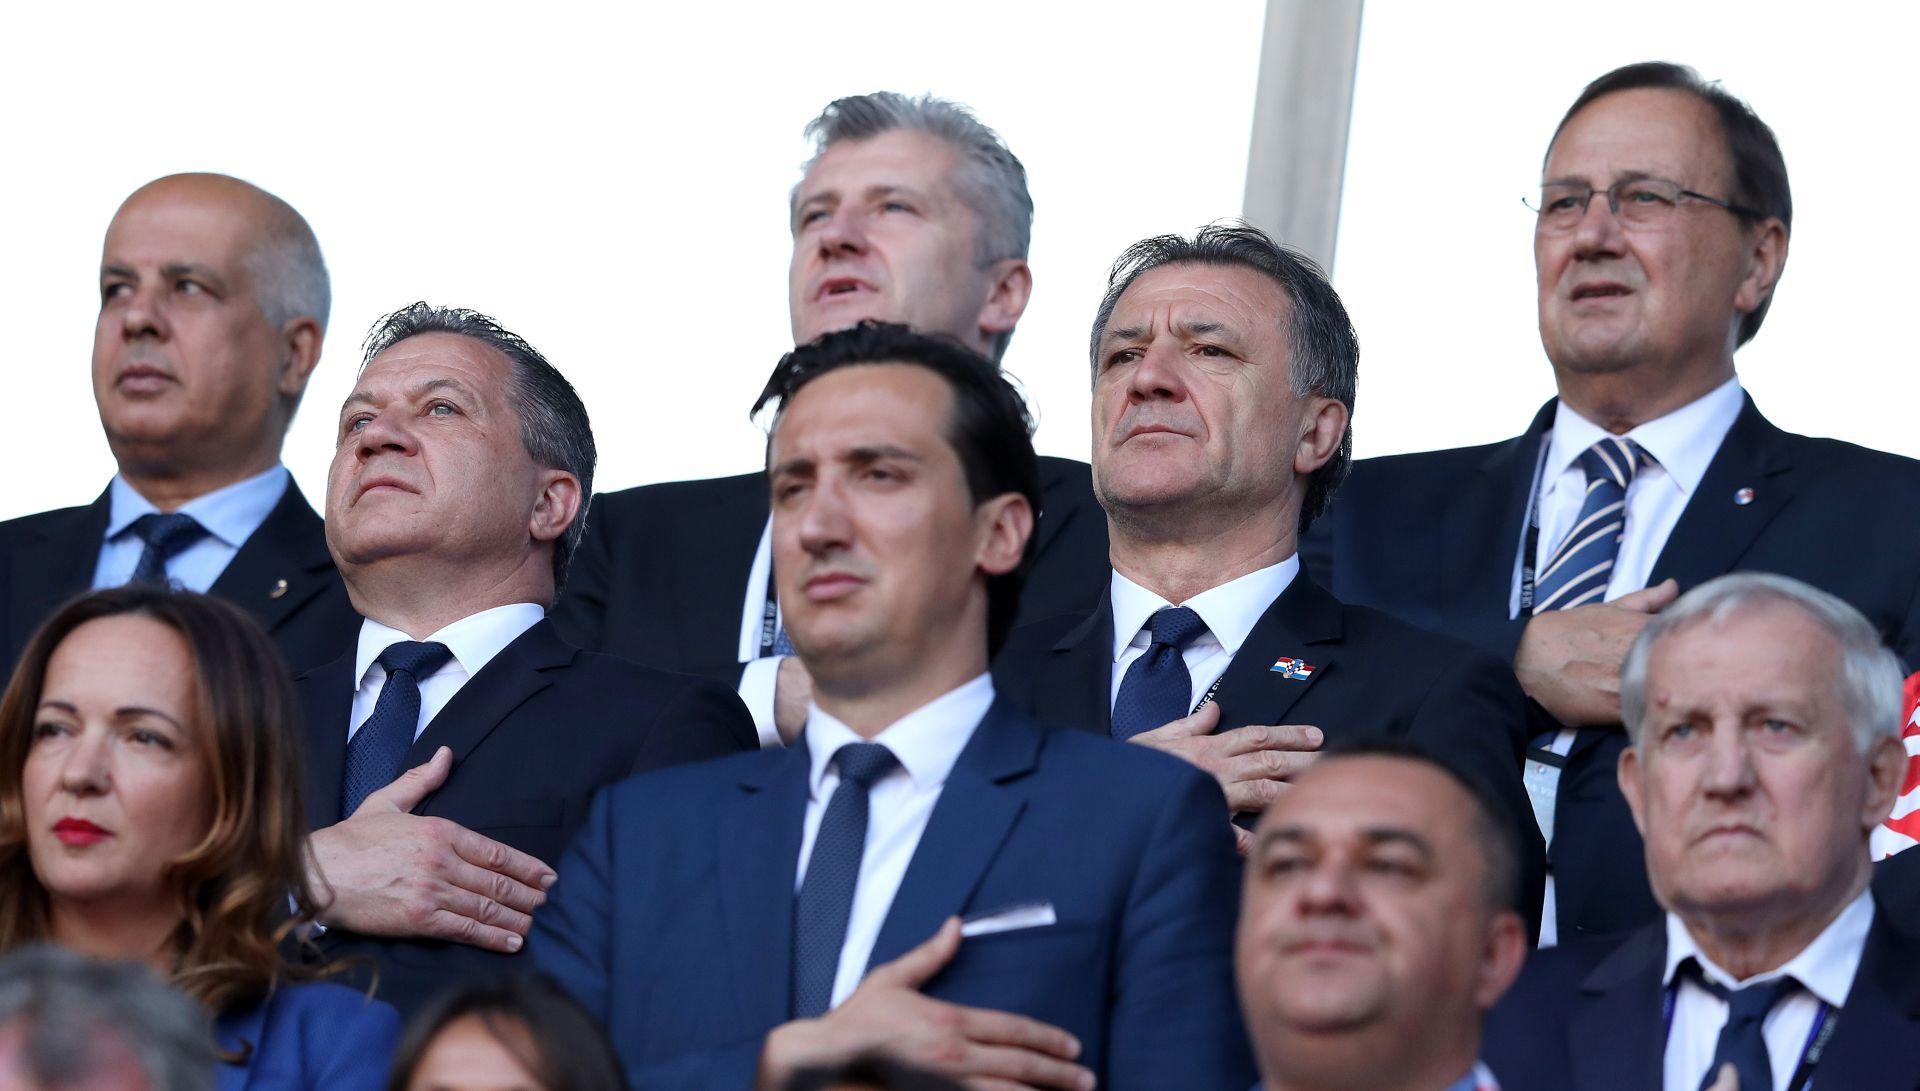 """ZDRAVKO MAMIĆ """"Za sve su krive političke elite, 200 huligana već 25 godina reketari Hrvatsku"""""""